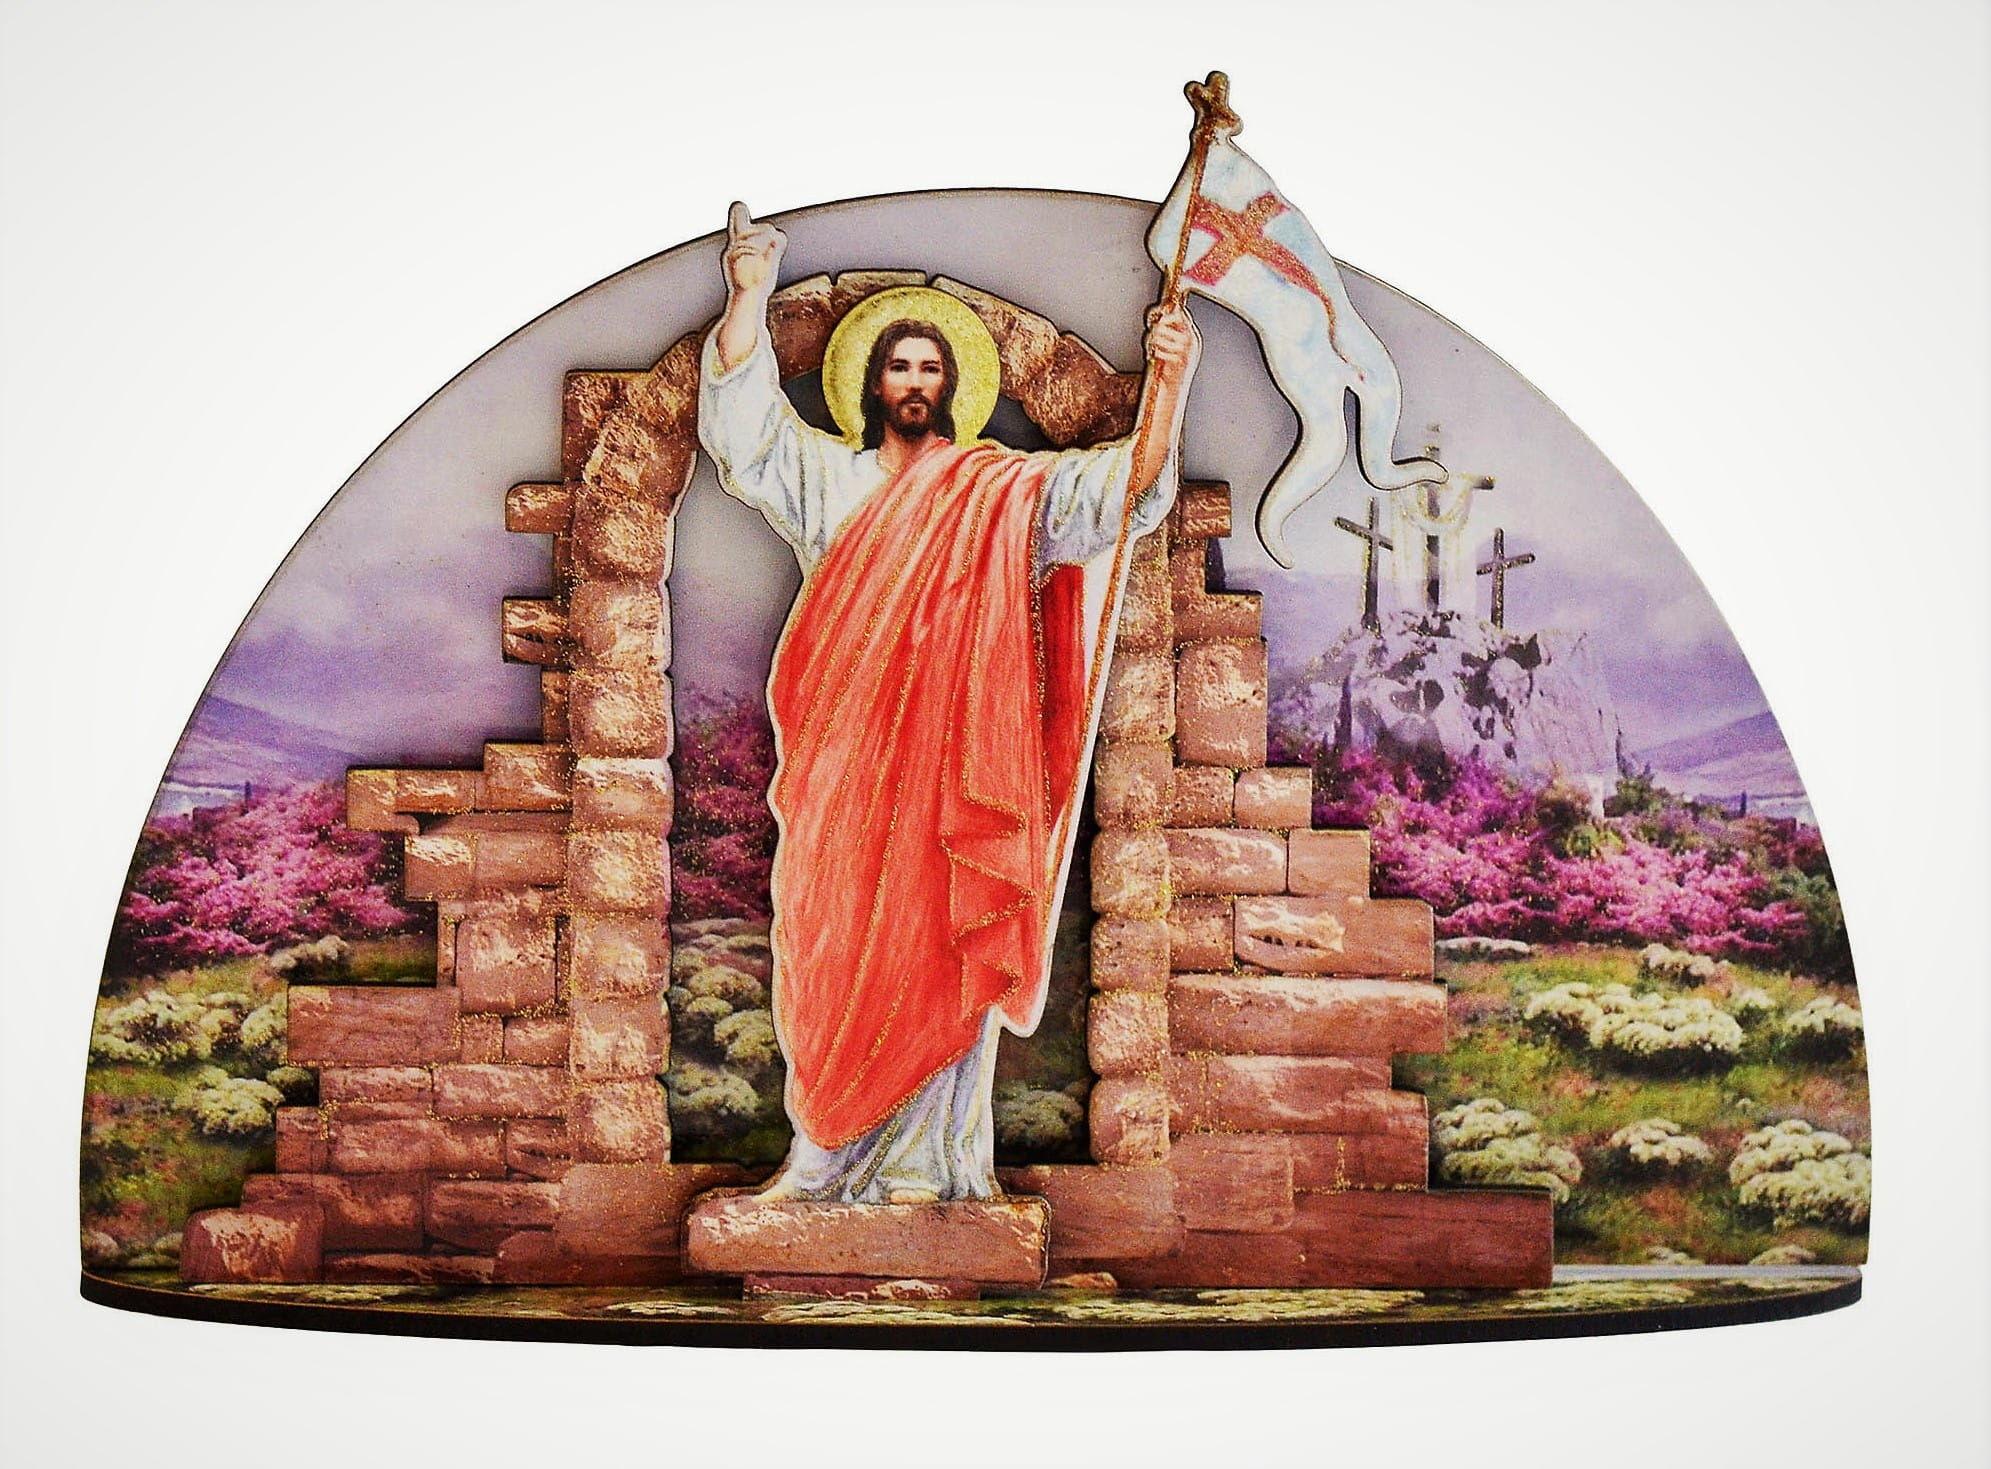 Drewniana grota ze Zmartwychwstałym Chrystusem